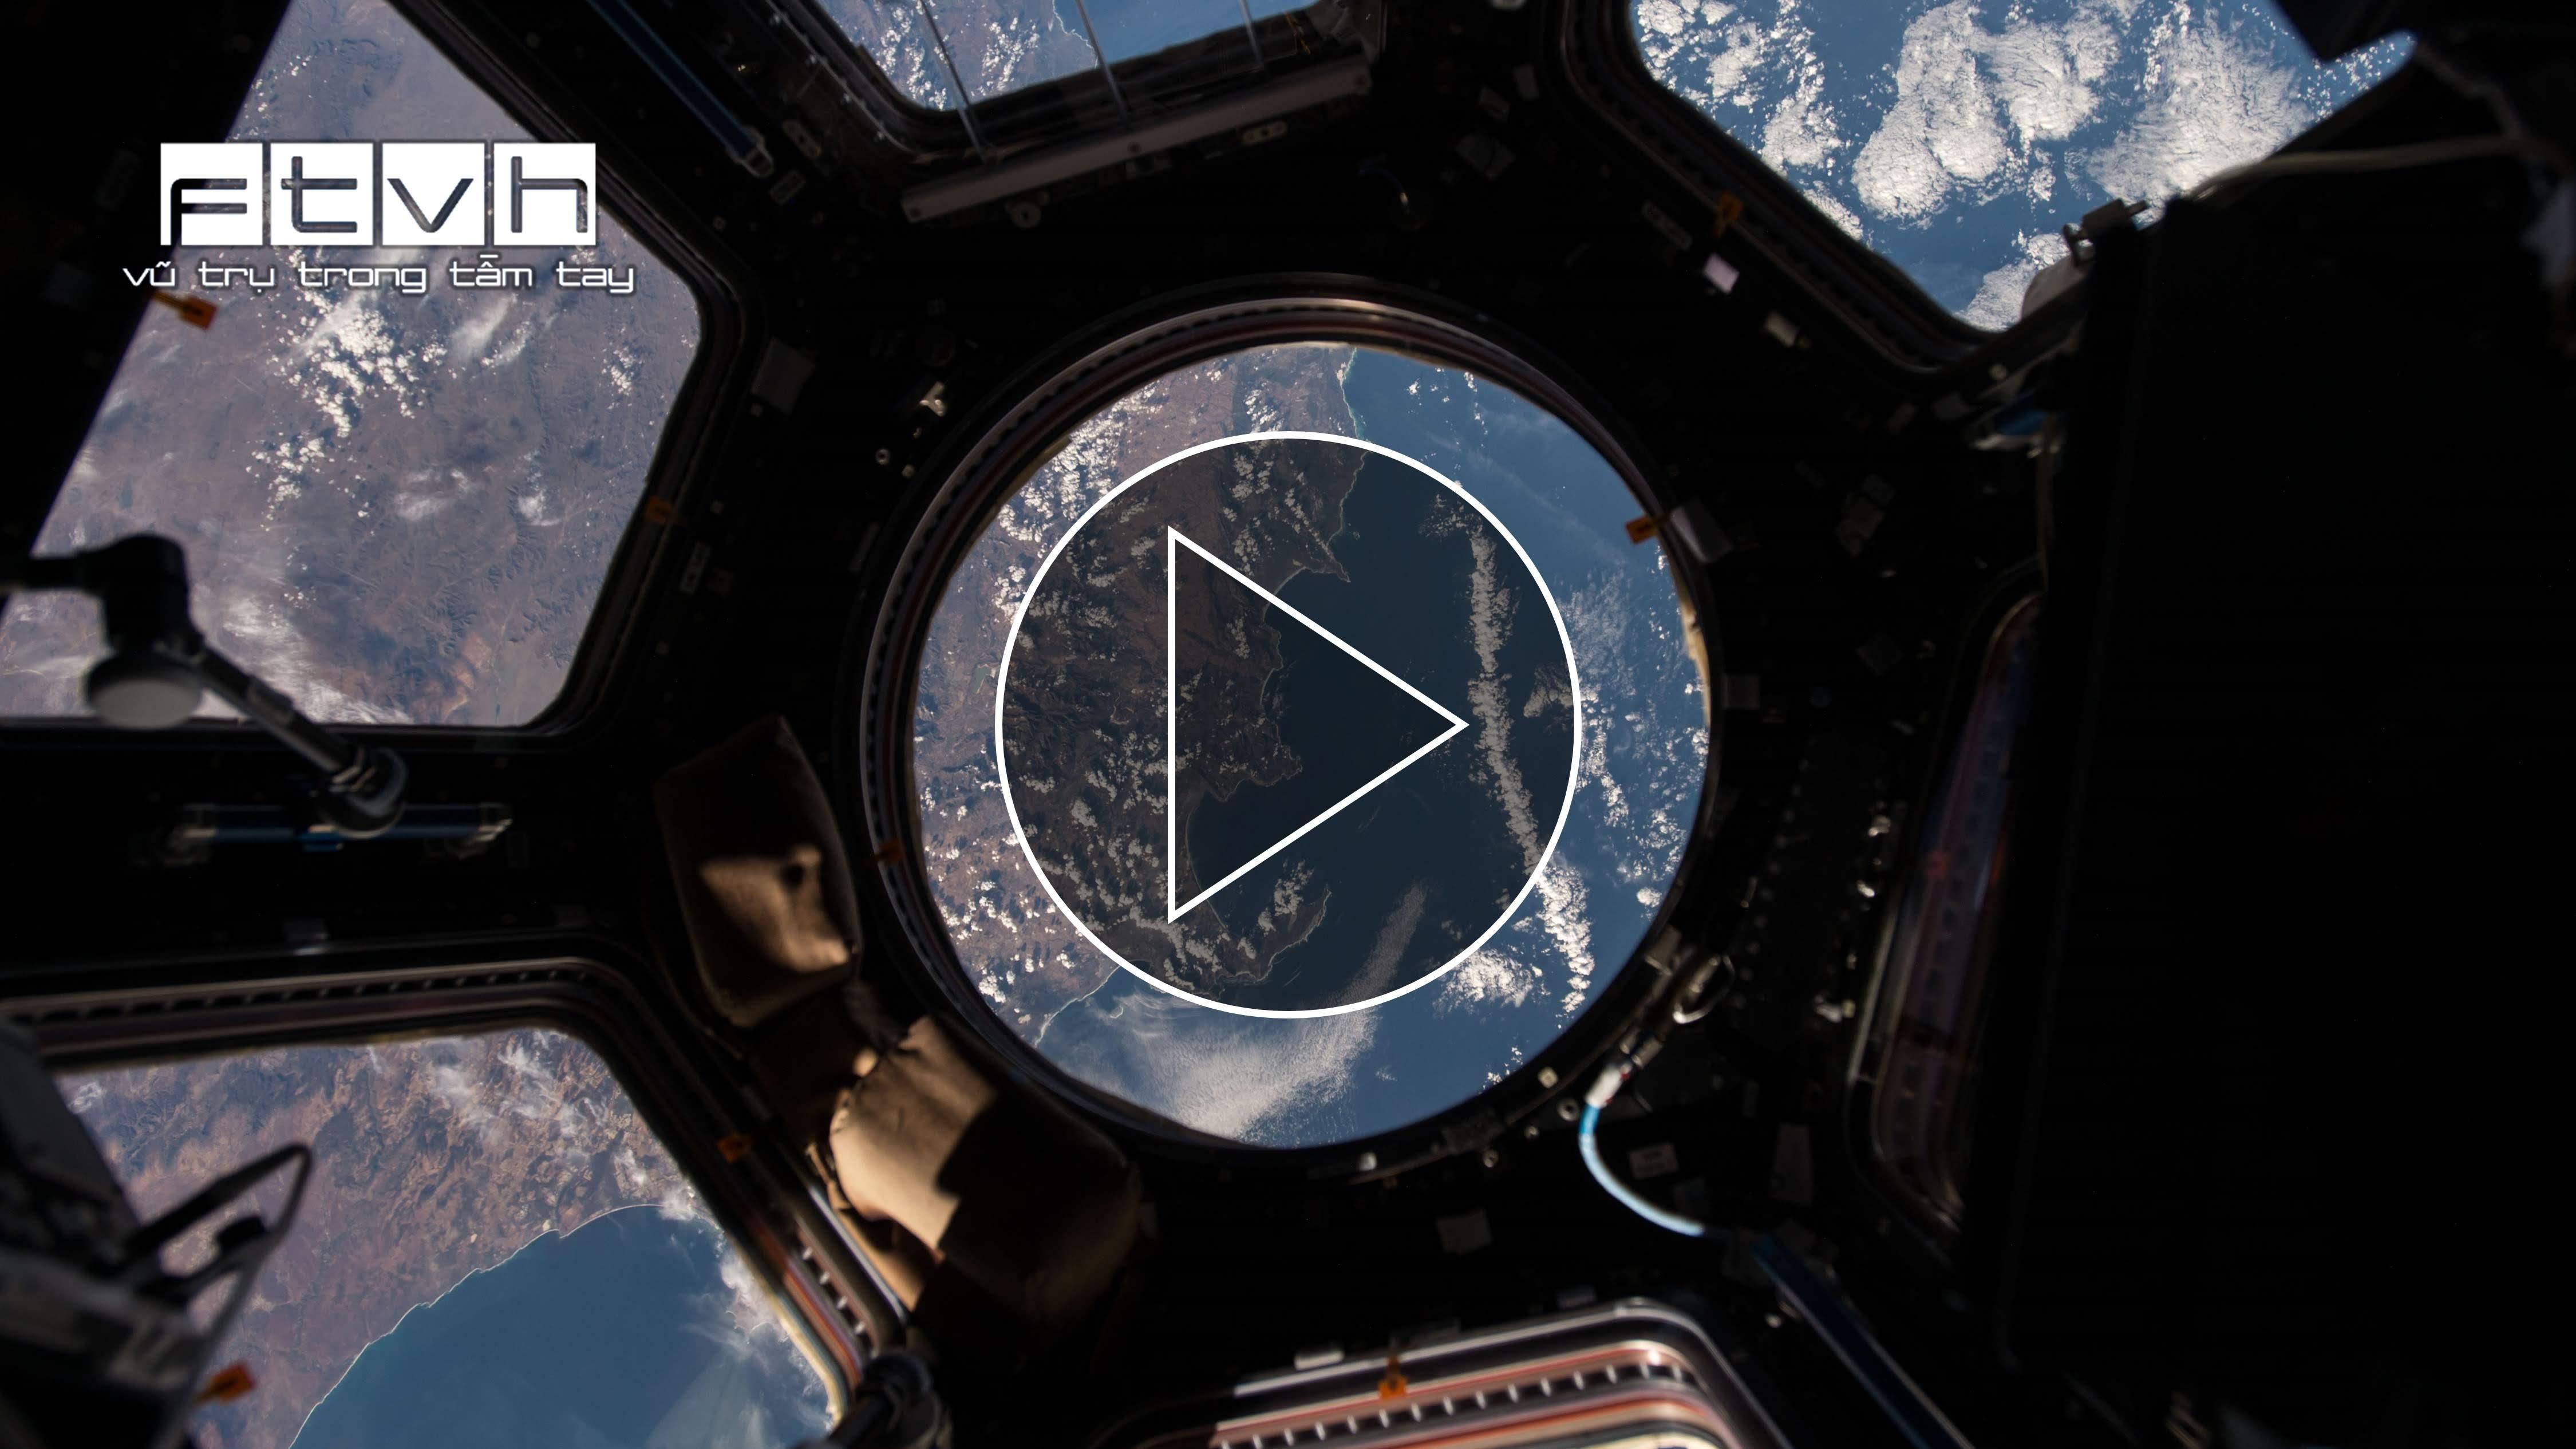 Tham quan Trạm Không gian Quốc tế qua video 4K